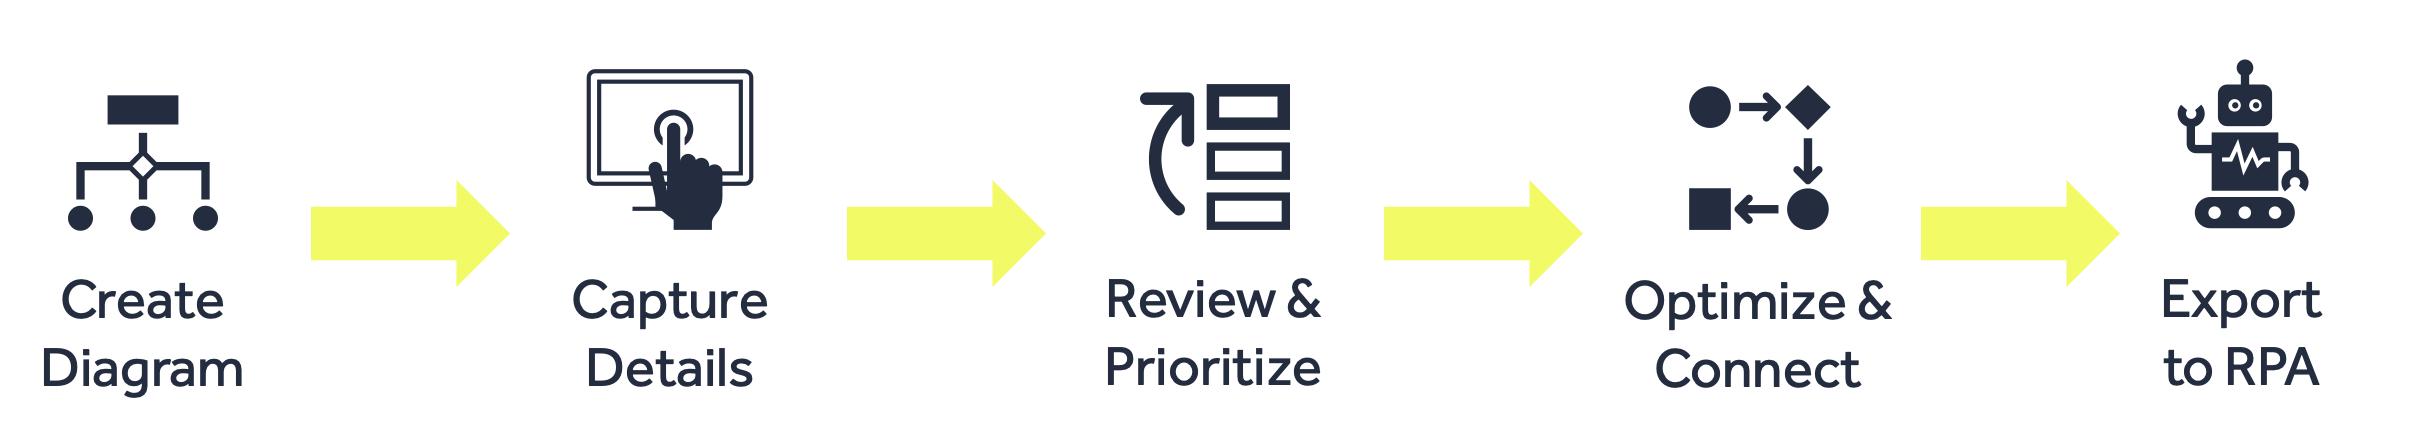 Task Capture Process Steps